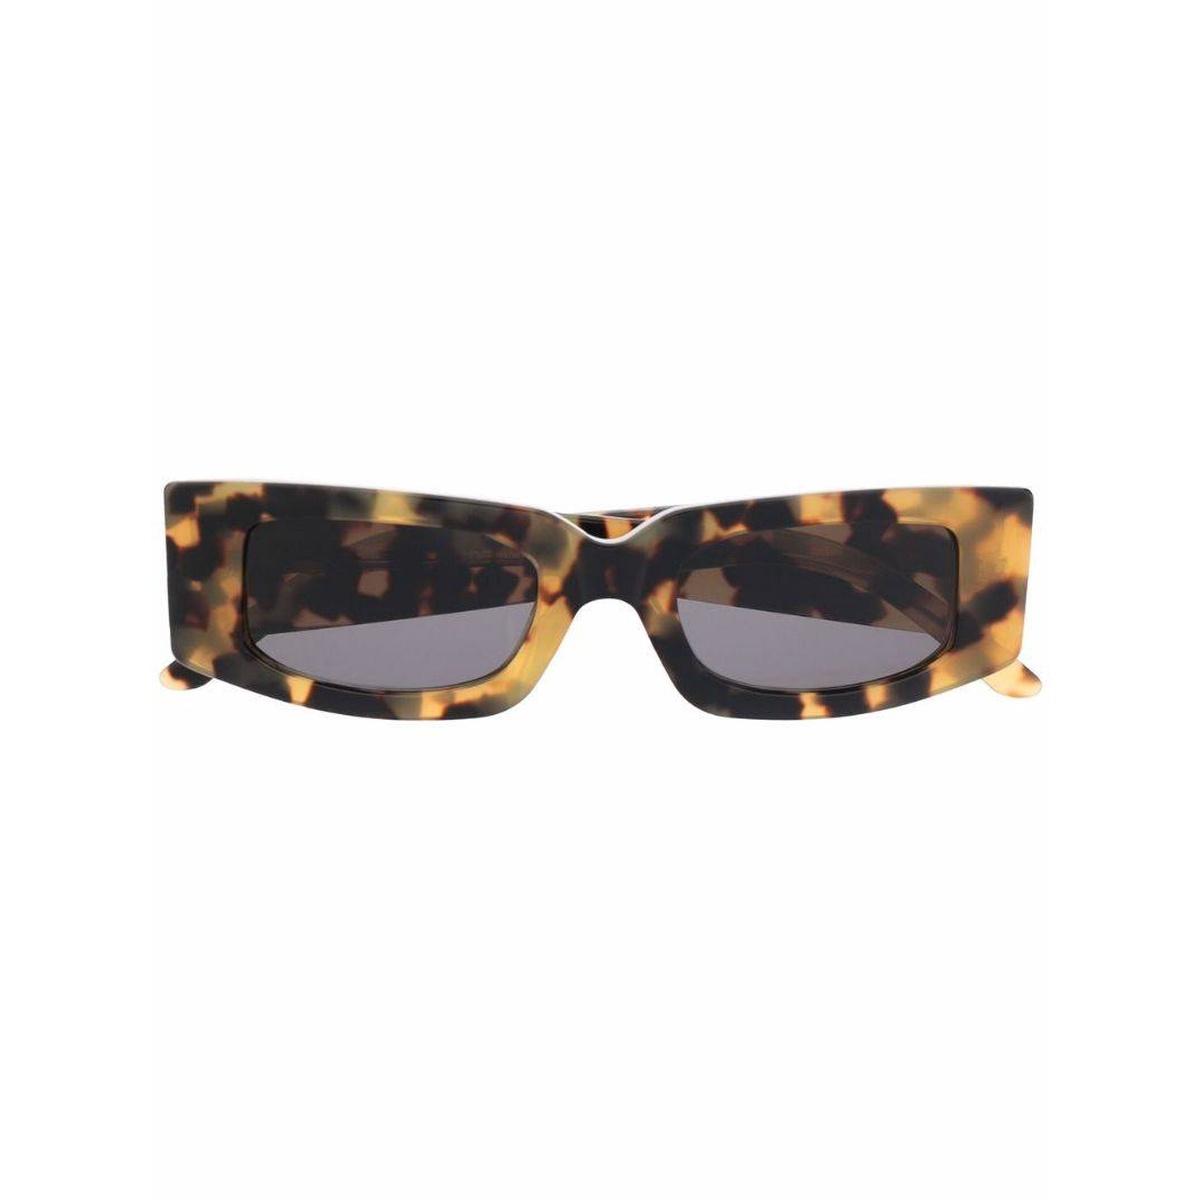 代购Sunnei Prototype 长方形框太阳眼镜女2021新款奢侈品